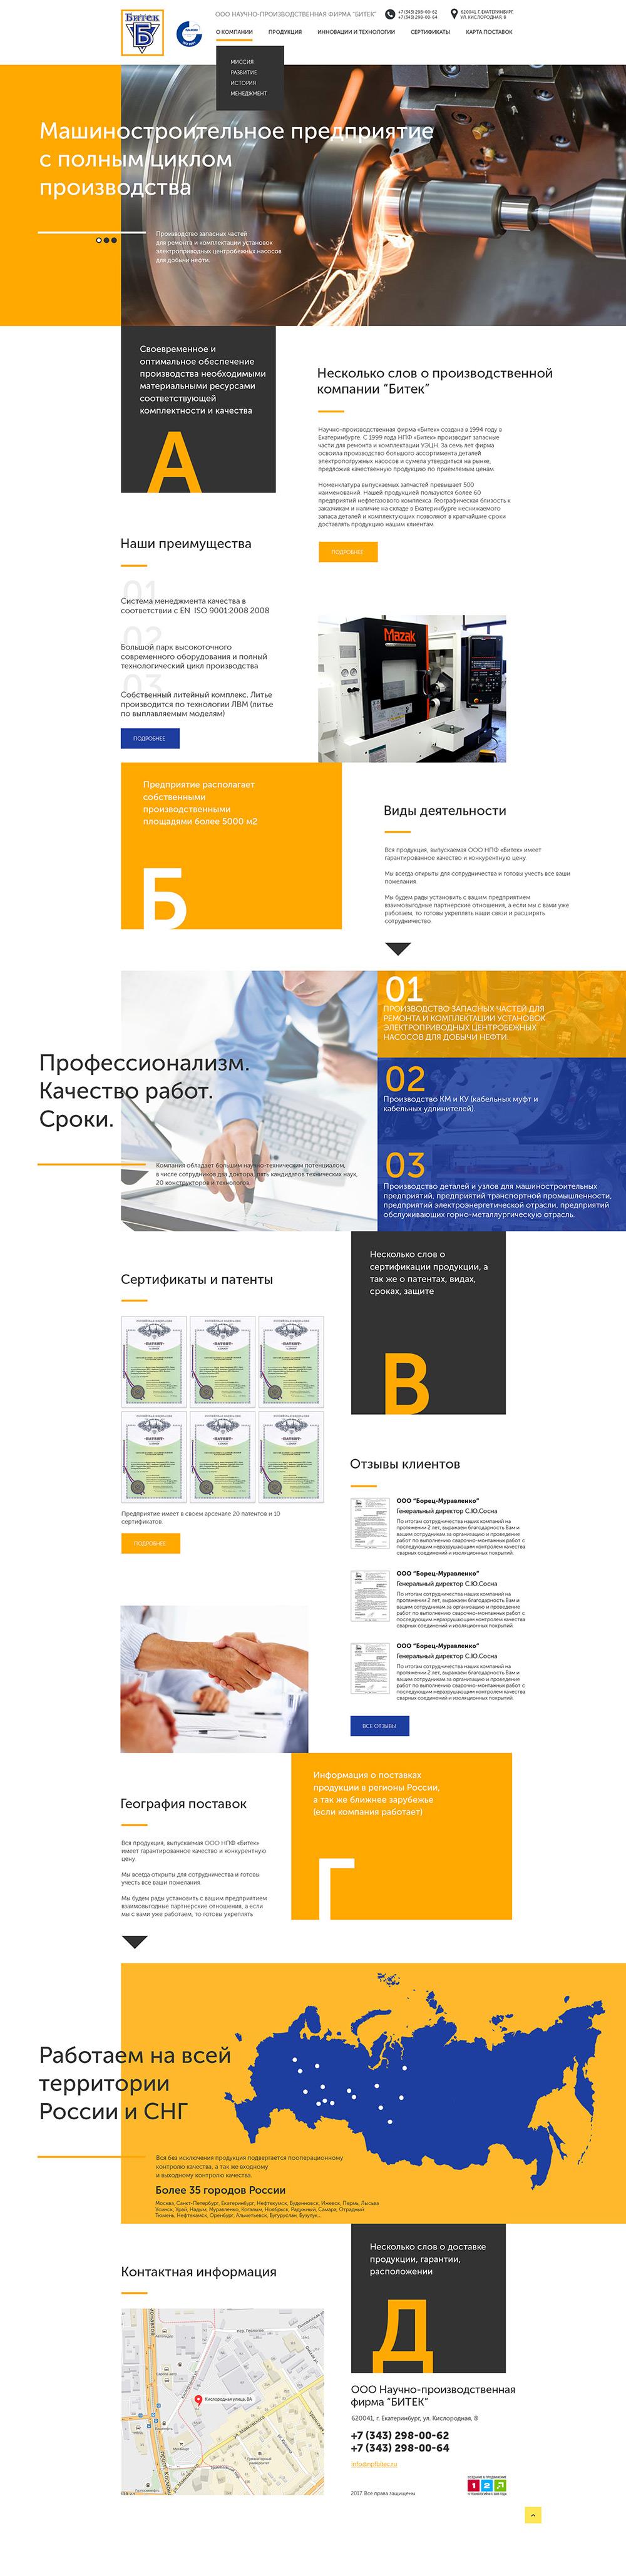 Пример дизайна сайта для компании НПФ Битек